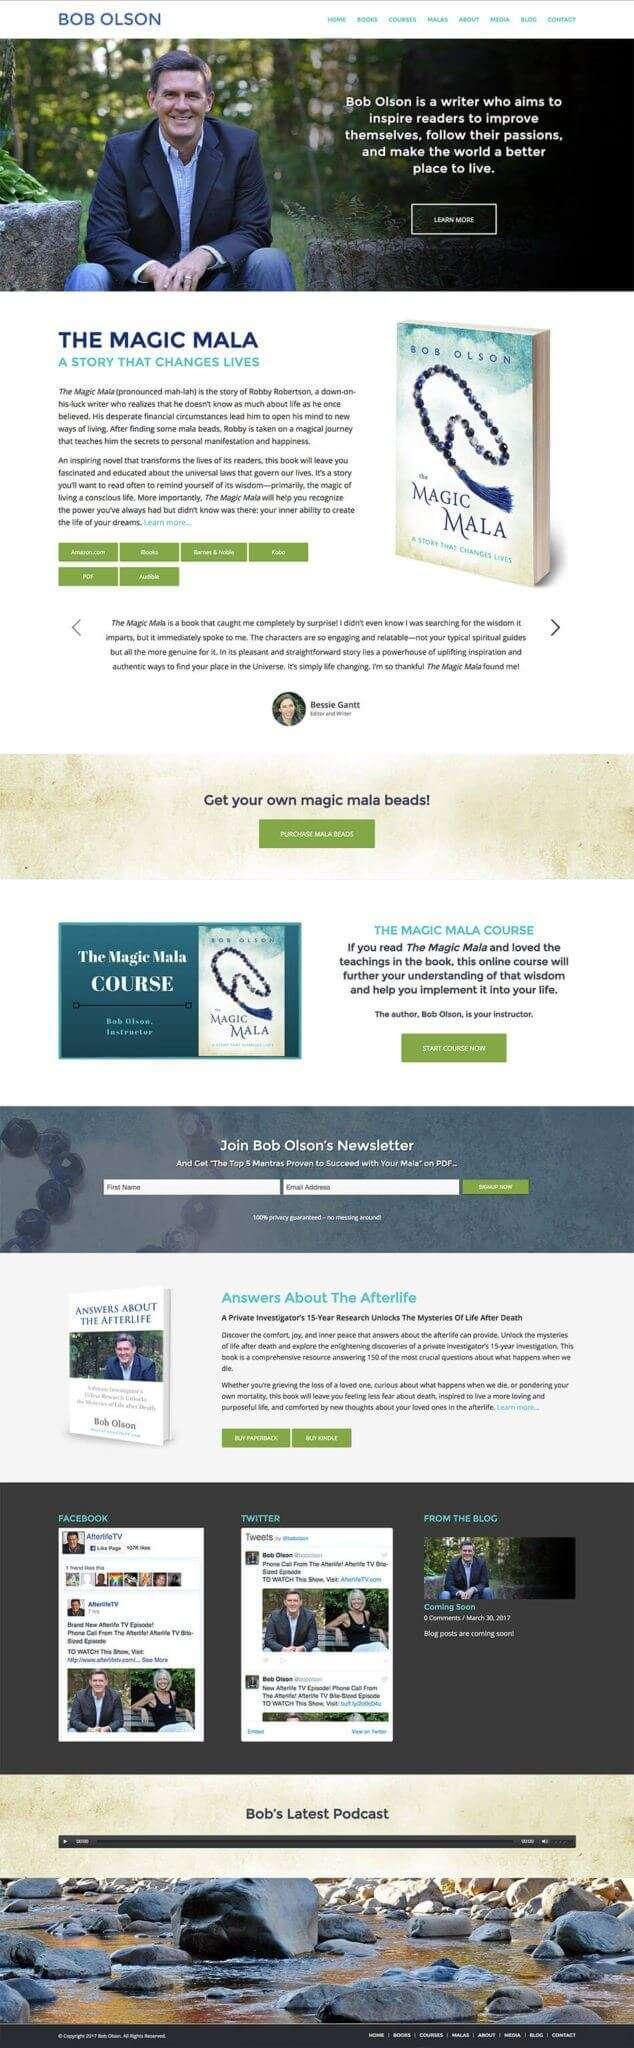 Author Website Design for Bob Olson